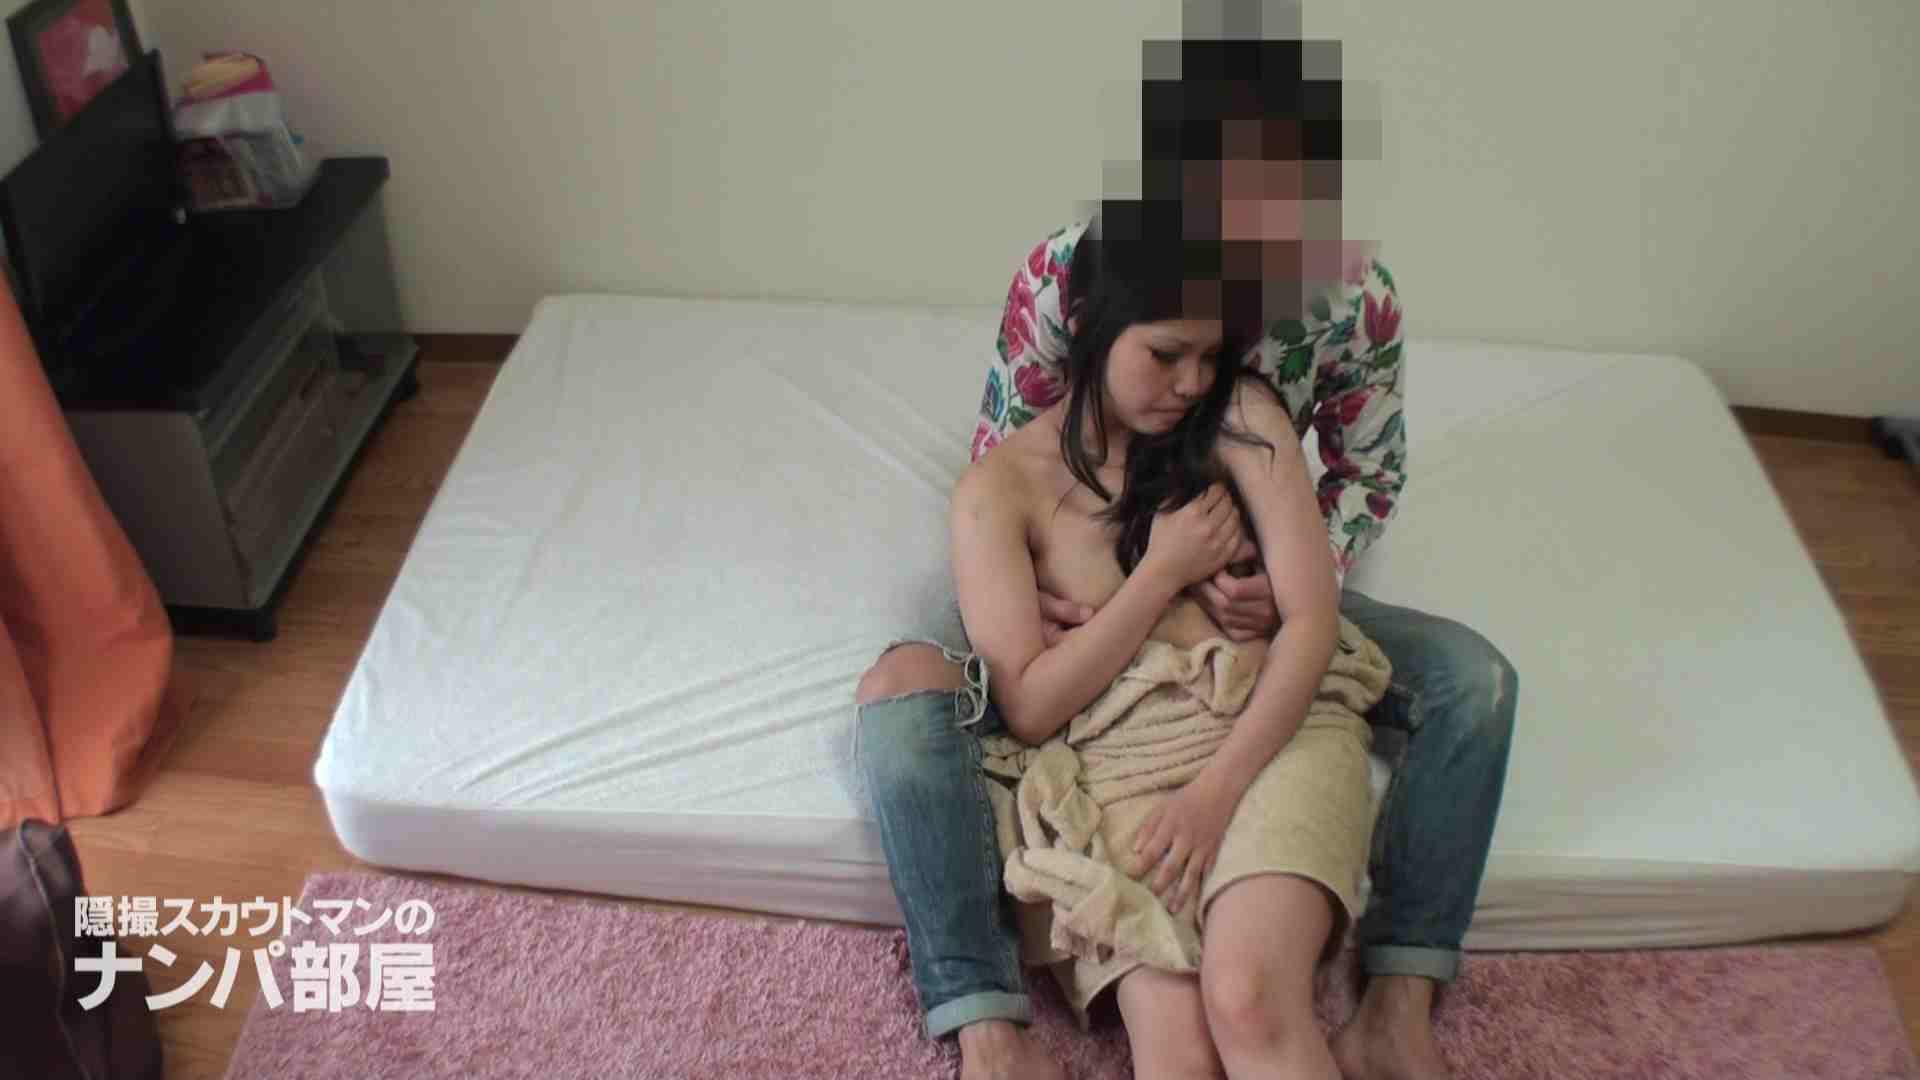 隠撮スカウトマンのナンパ部屋~風俗デビュー前のつまみ食い~hanavol.2 中出し 盗撮動画紹介 88pic 70